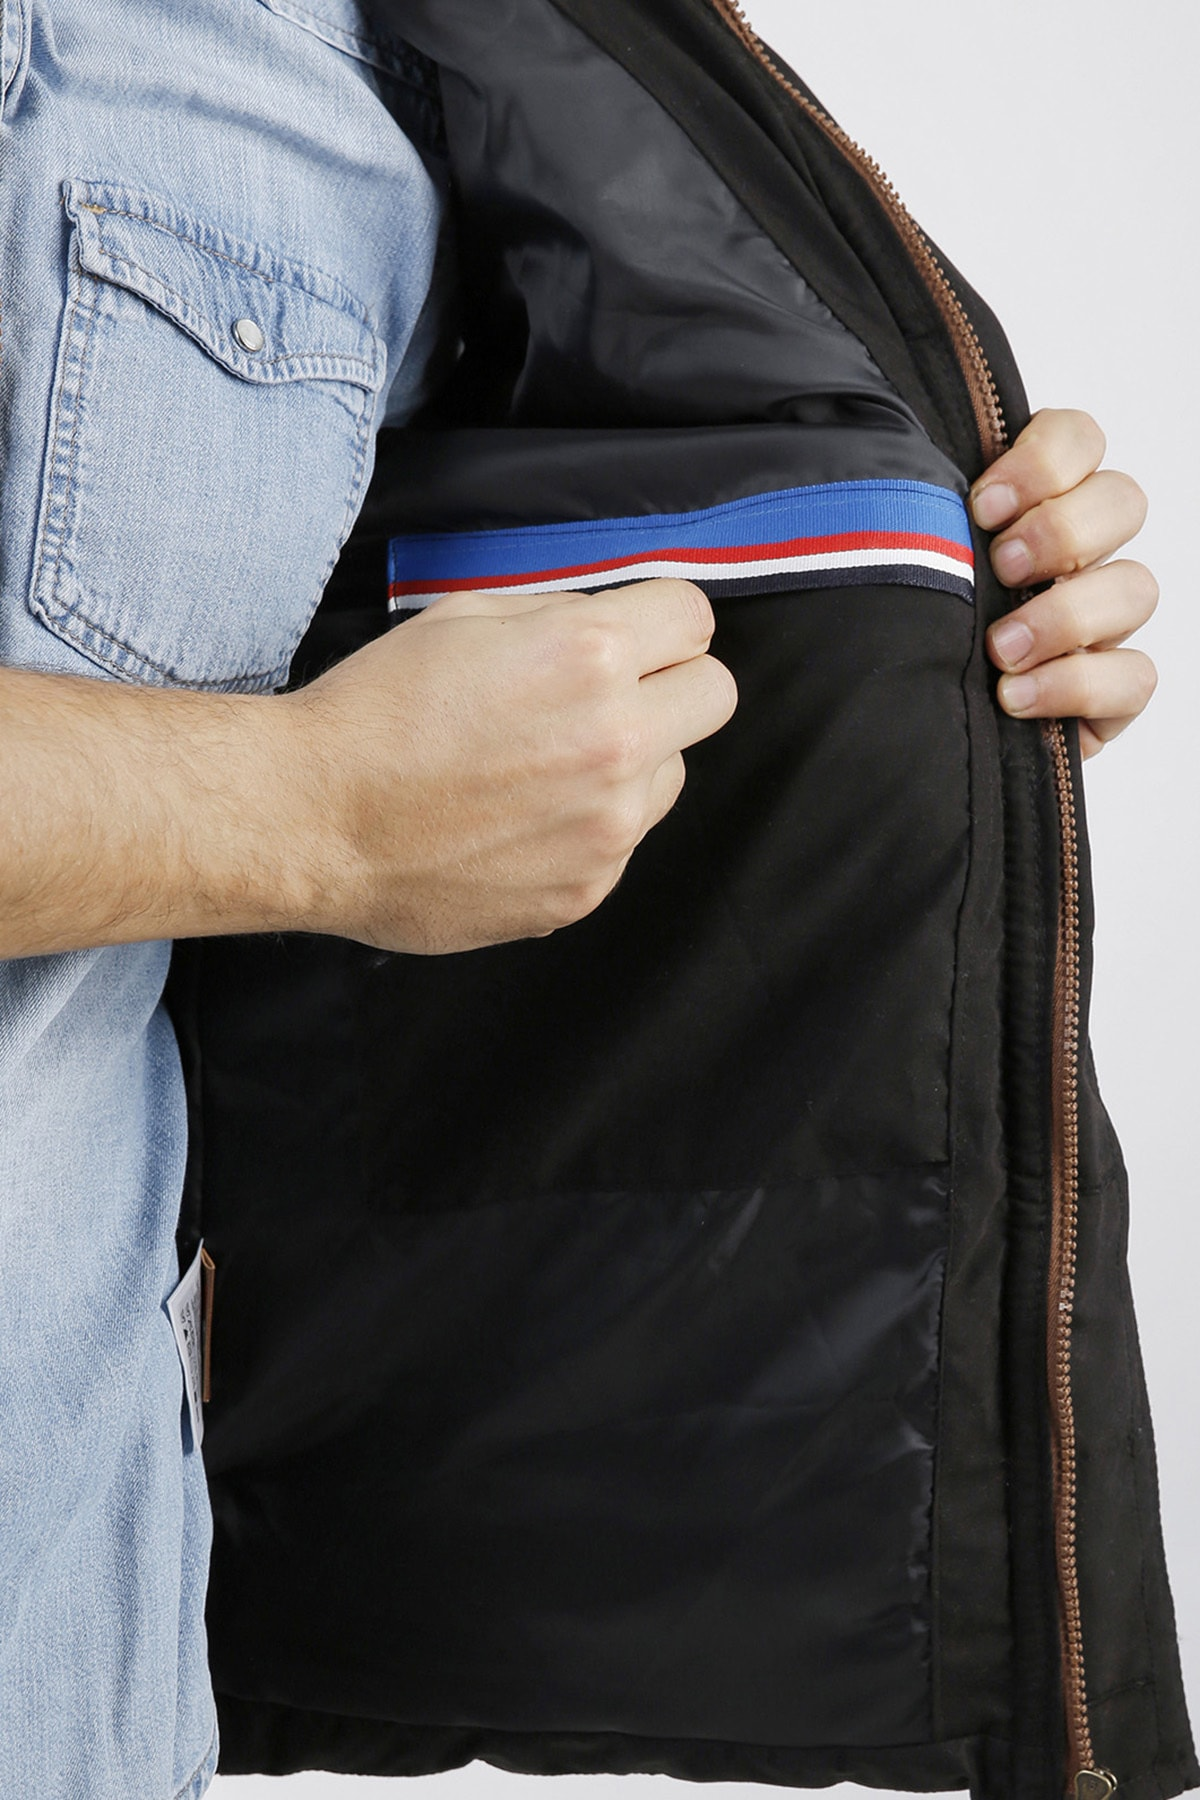 XHAN Siyah Çıkarılabilir Kapüşonlu Cepli Fermuarlı Slim Fit Yelek 1KXE4-44258-02 3